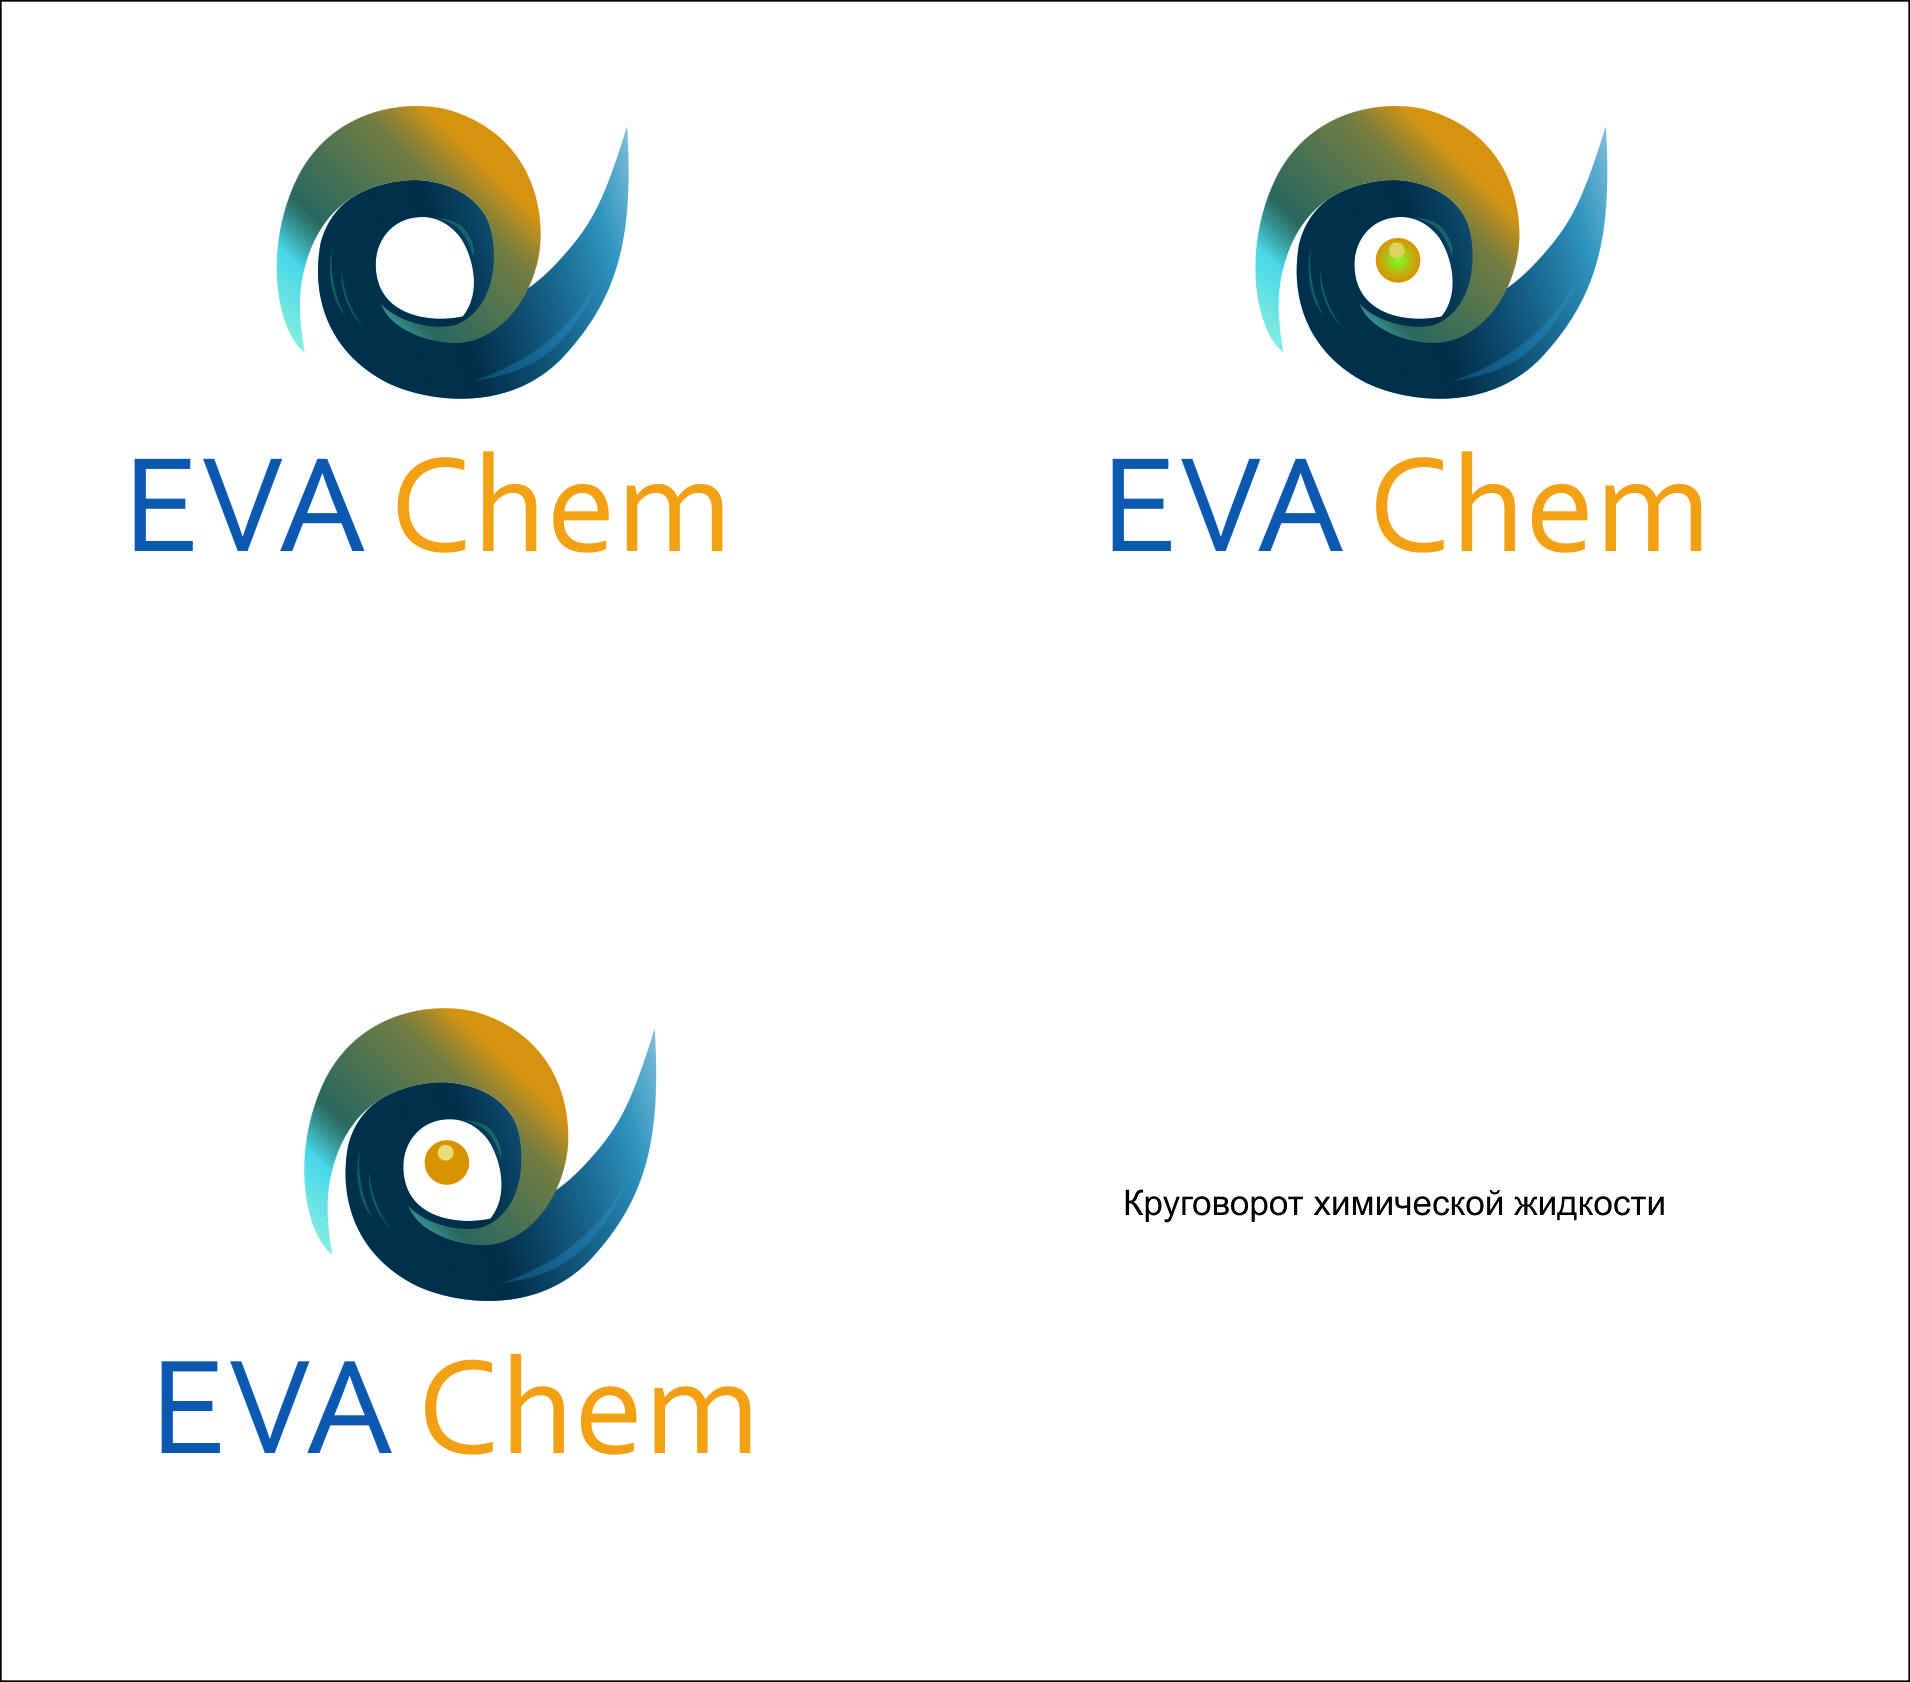 Разработка логотипа и фирменного стиля компании фото f_569571e53aa7fce1.jpg